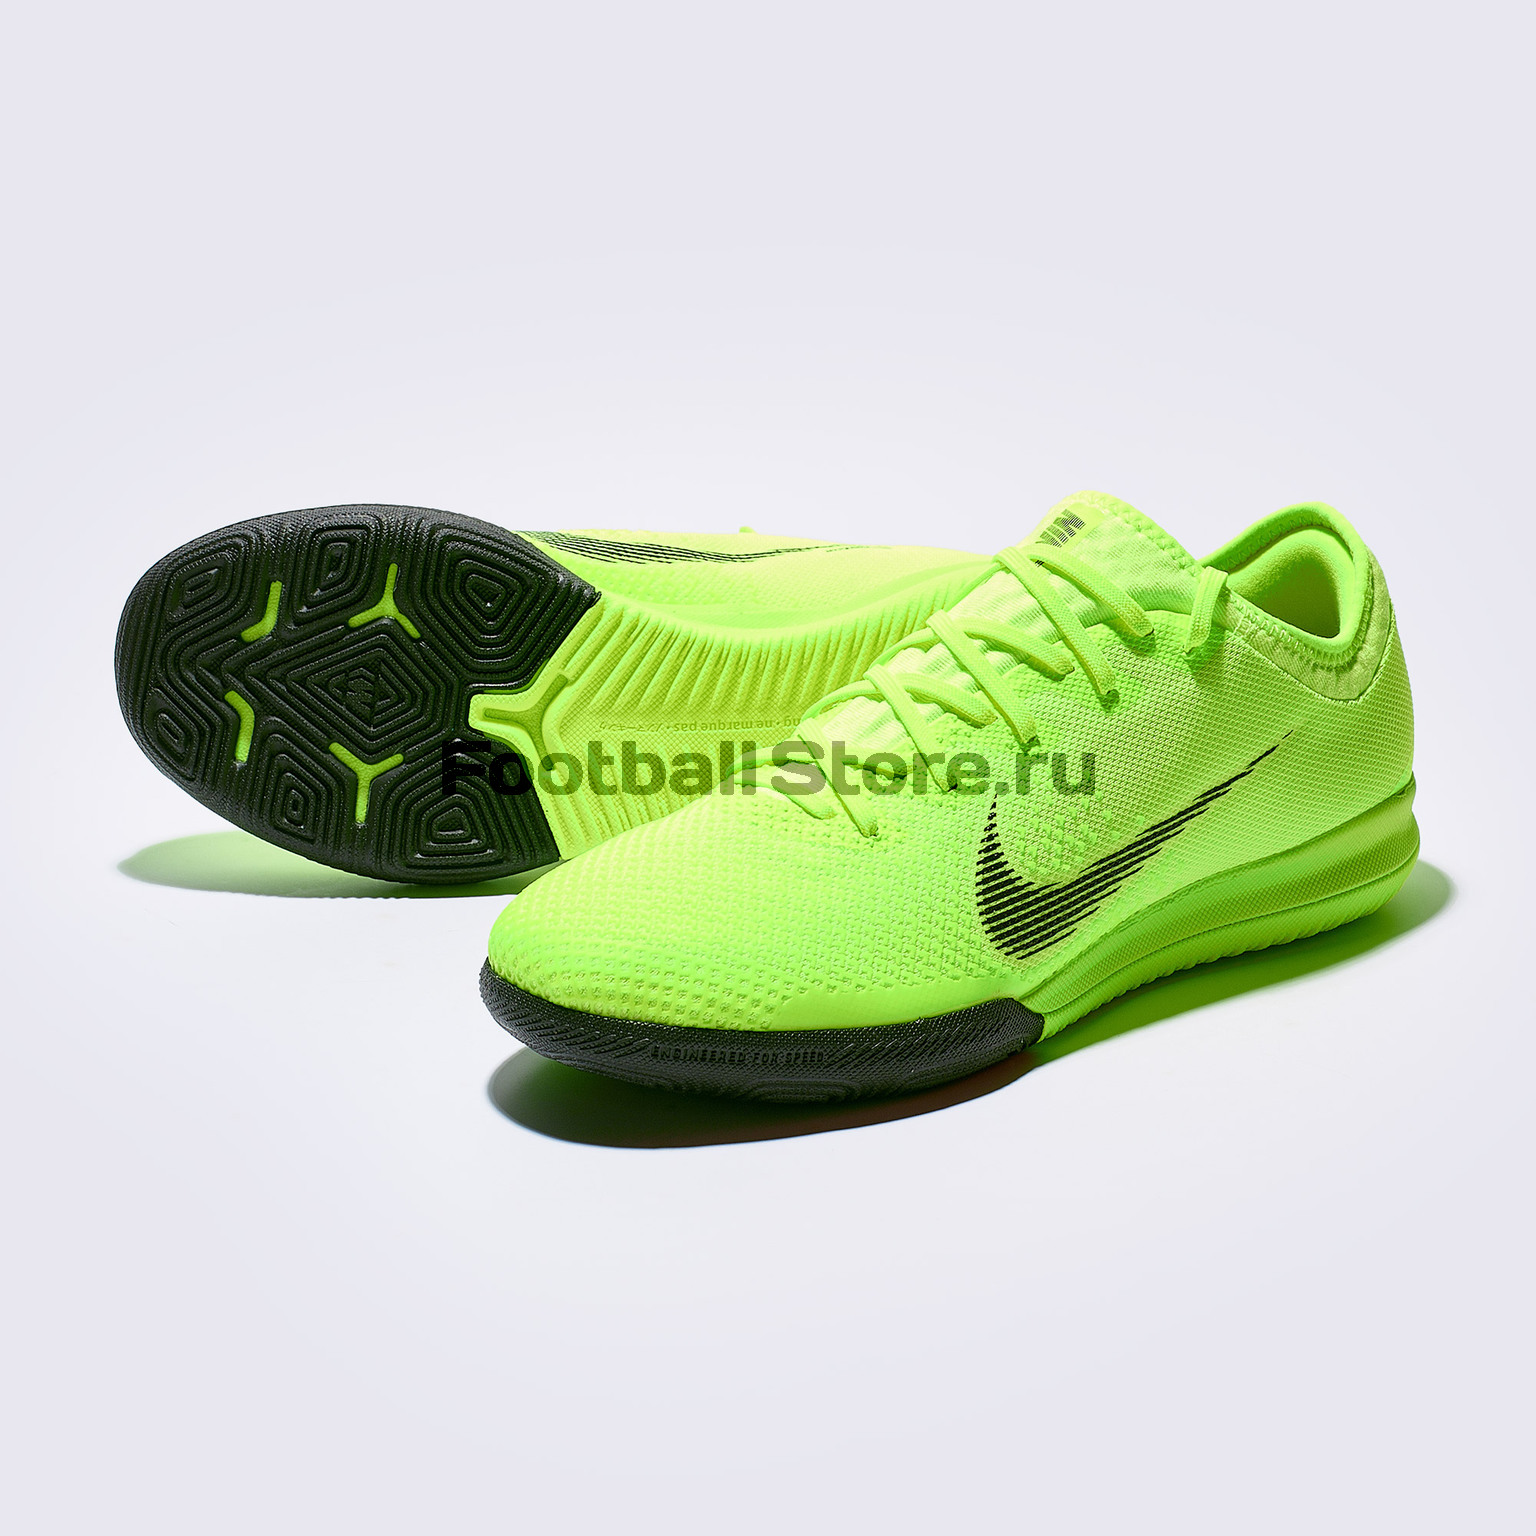 Футзалки Nike VaporX 12 Pro IC AH7387-701 50pcs lm324dr lm324d lm324 sop 14 ic